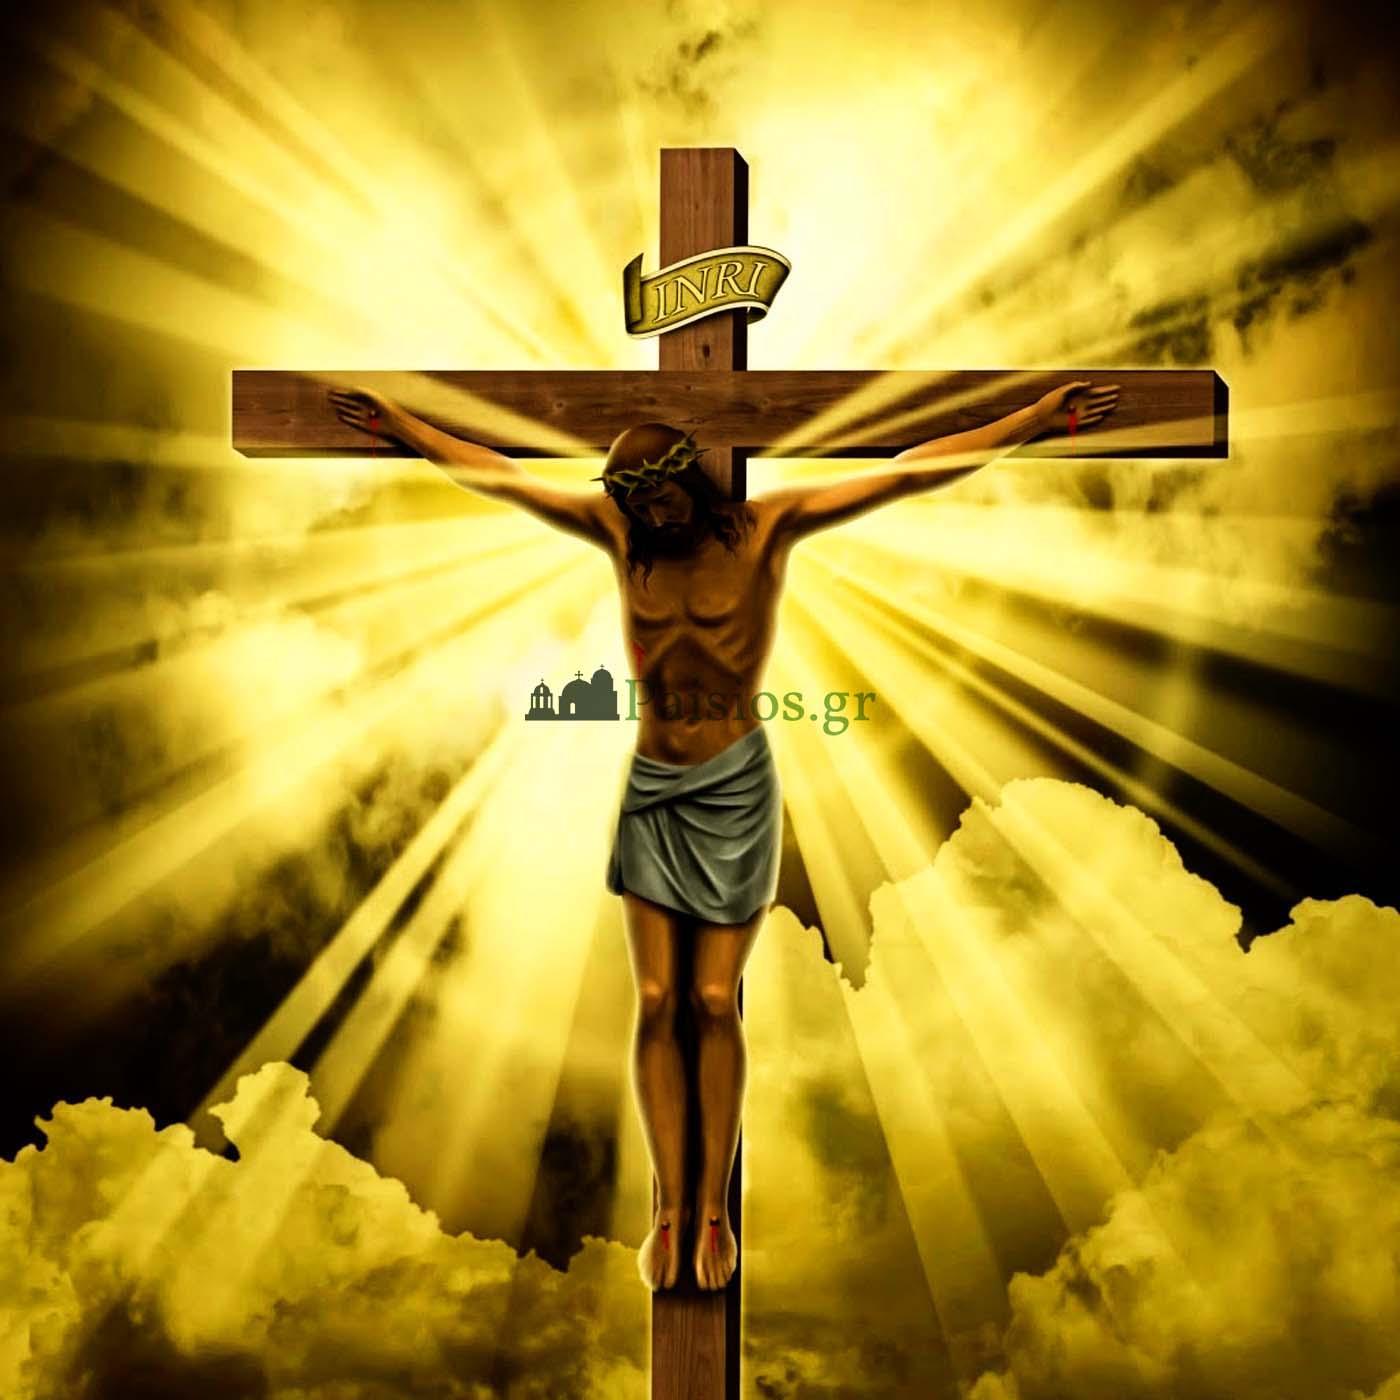 agios-paisios (16) paisiosgr-didaxes-Παίσιος, Paisios.gr, Κατάρα, Κατάρα Γονέων, Αγανάκτηση, Ταλαιπωρία, Θεός, Χατζεφέντης, Διάβολος, Εωσφόρος, Αββάς Ισαάκ, Τρώει την κόλαση